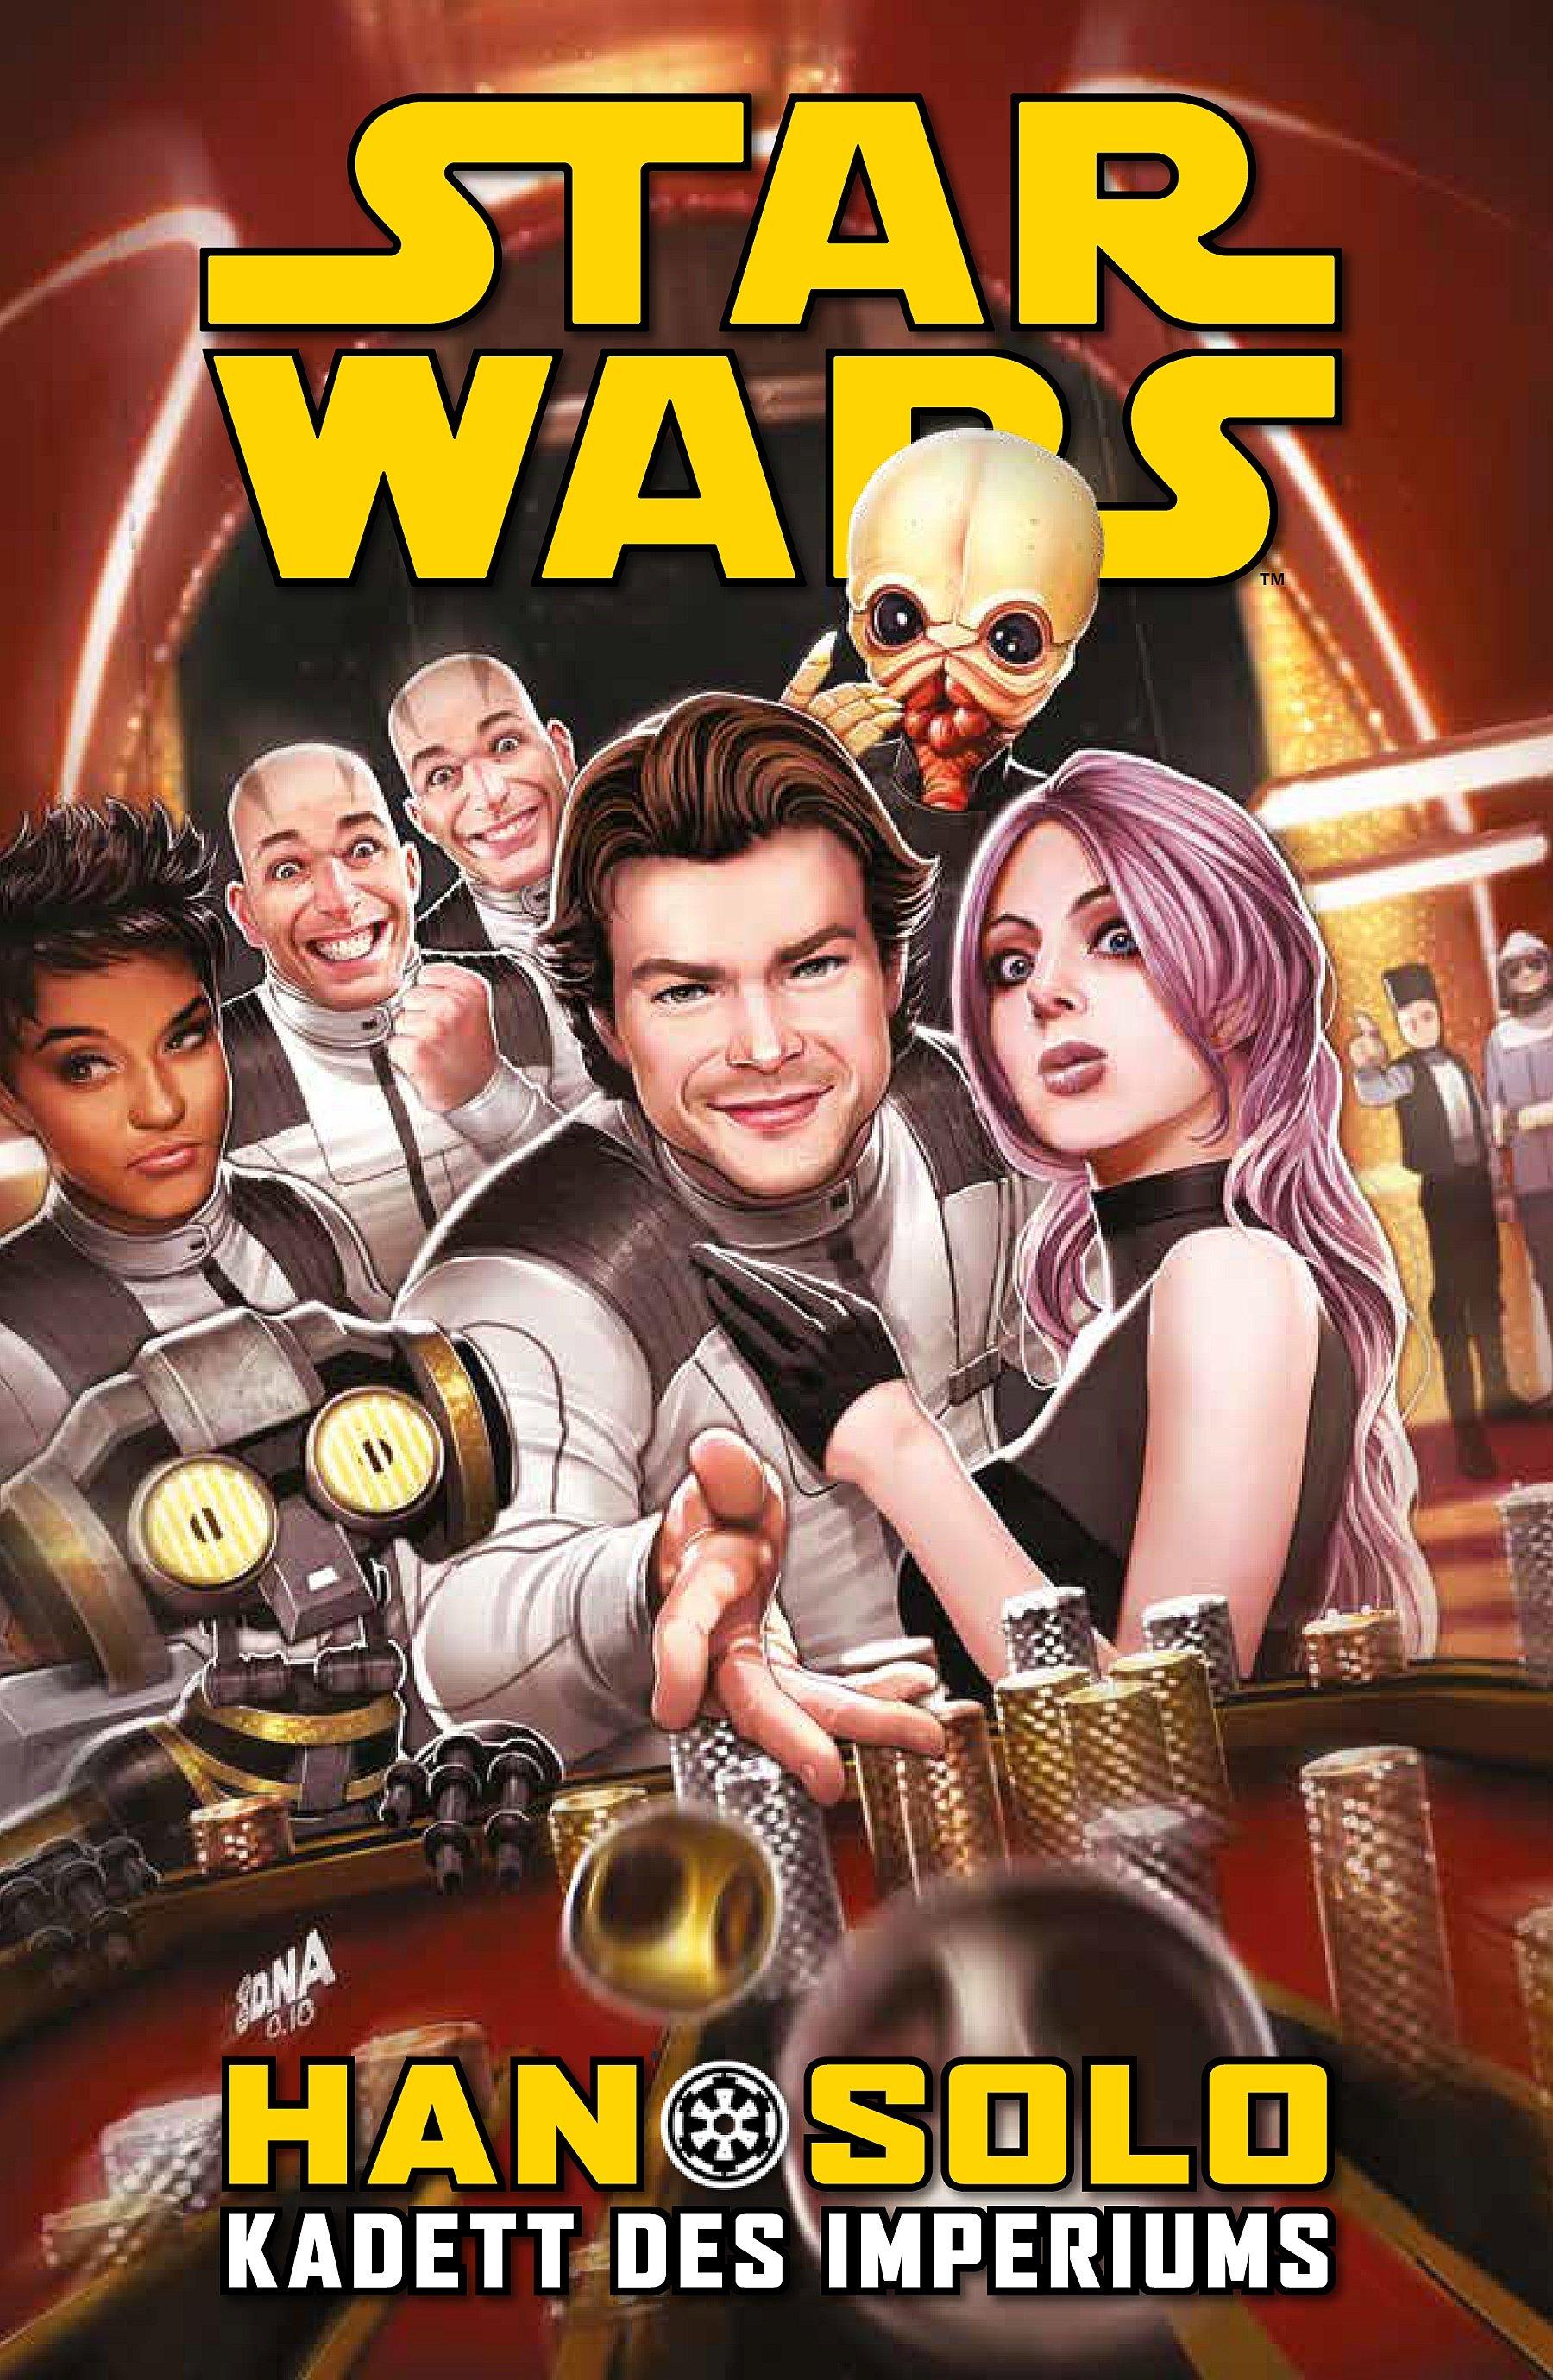 Han Solo: Kadett des Imperiums (24.09.2019)